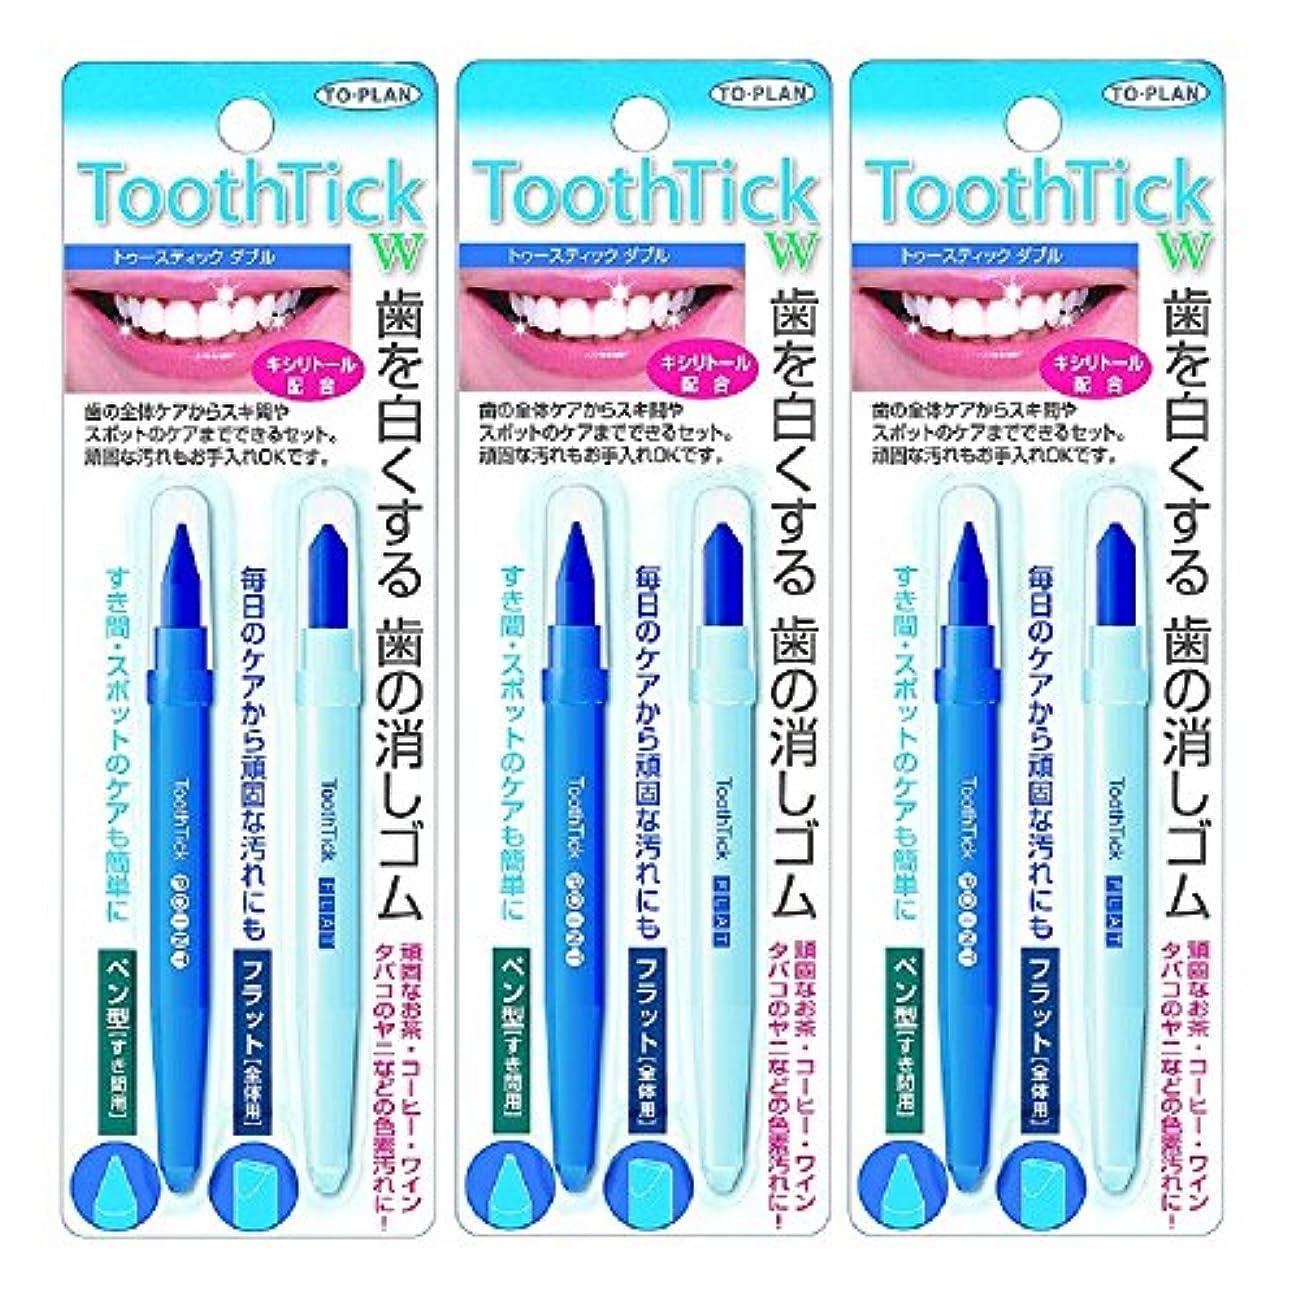 部屋を掃除するくさび腸トプラン 歯の消しゴム トゥースティック ダブル TKSA-03 3個セット